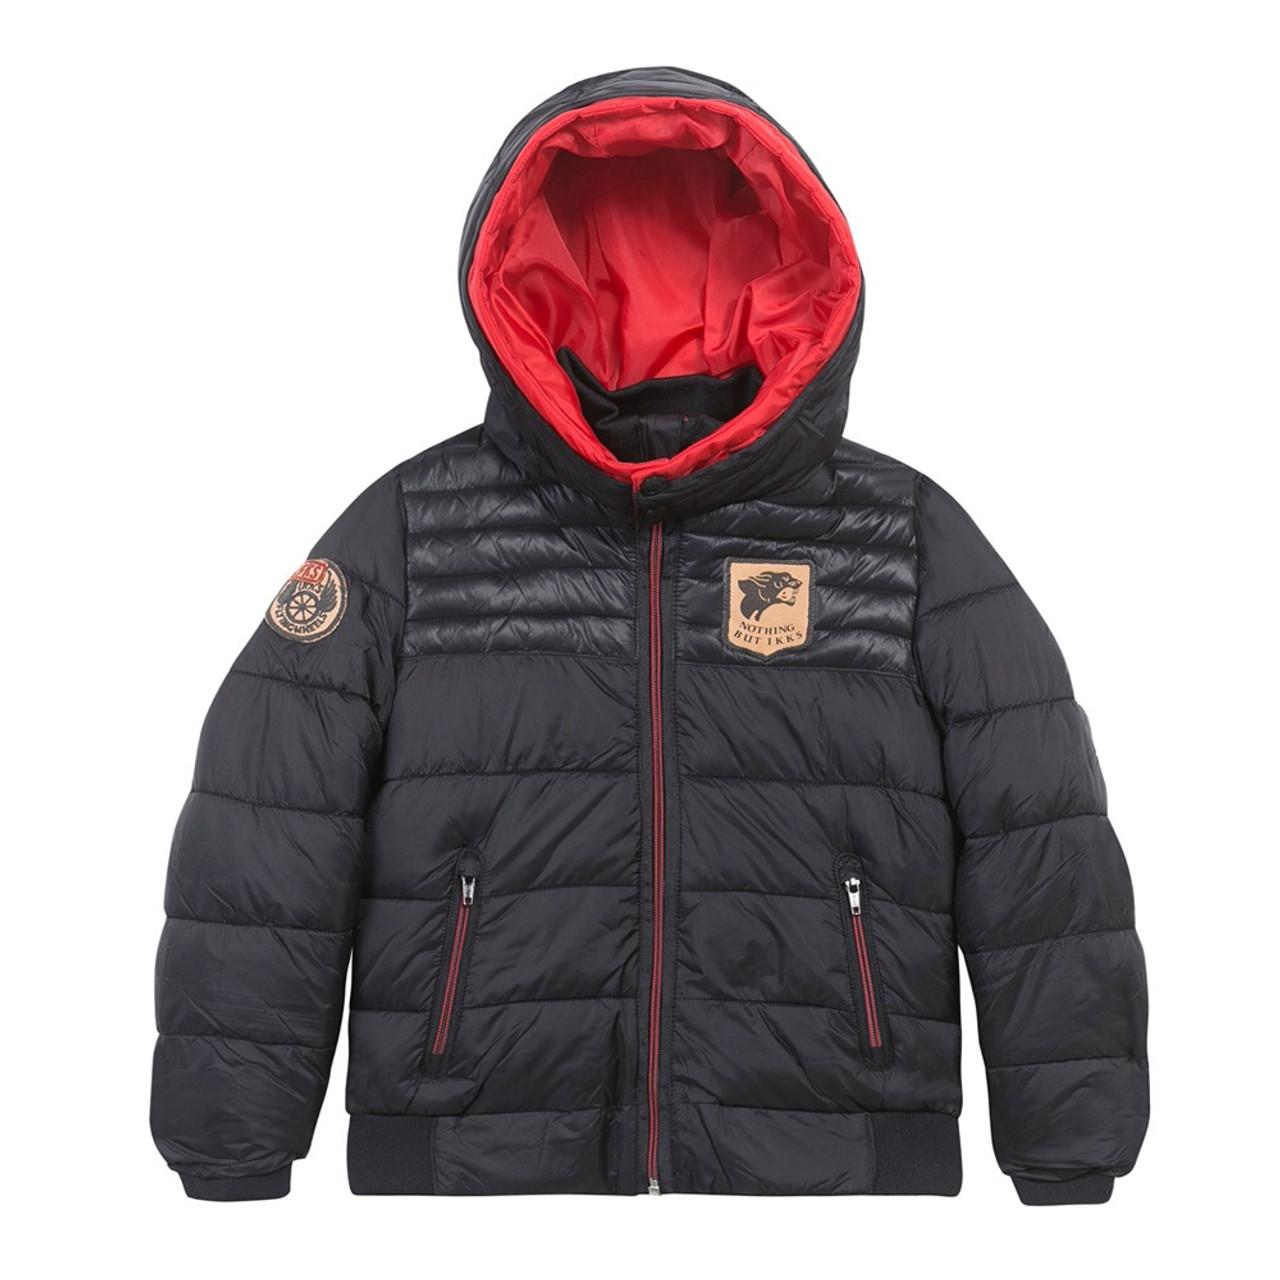 35b9183e9 IKKS Jacket xe41013 - Le Petit Kids